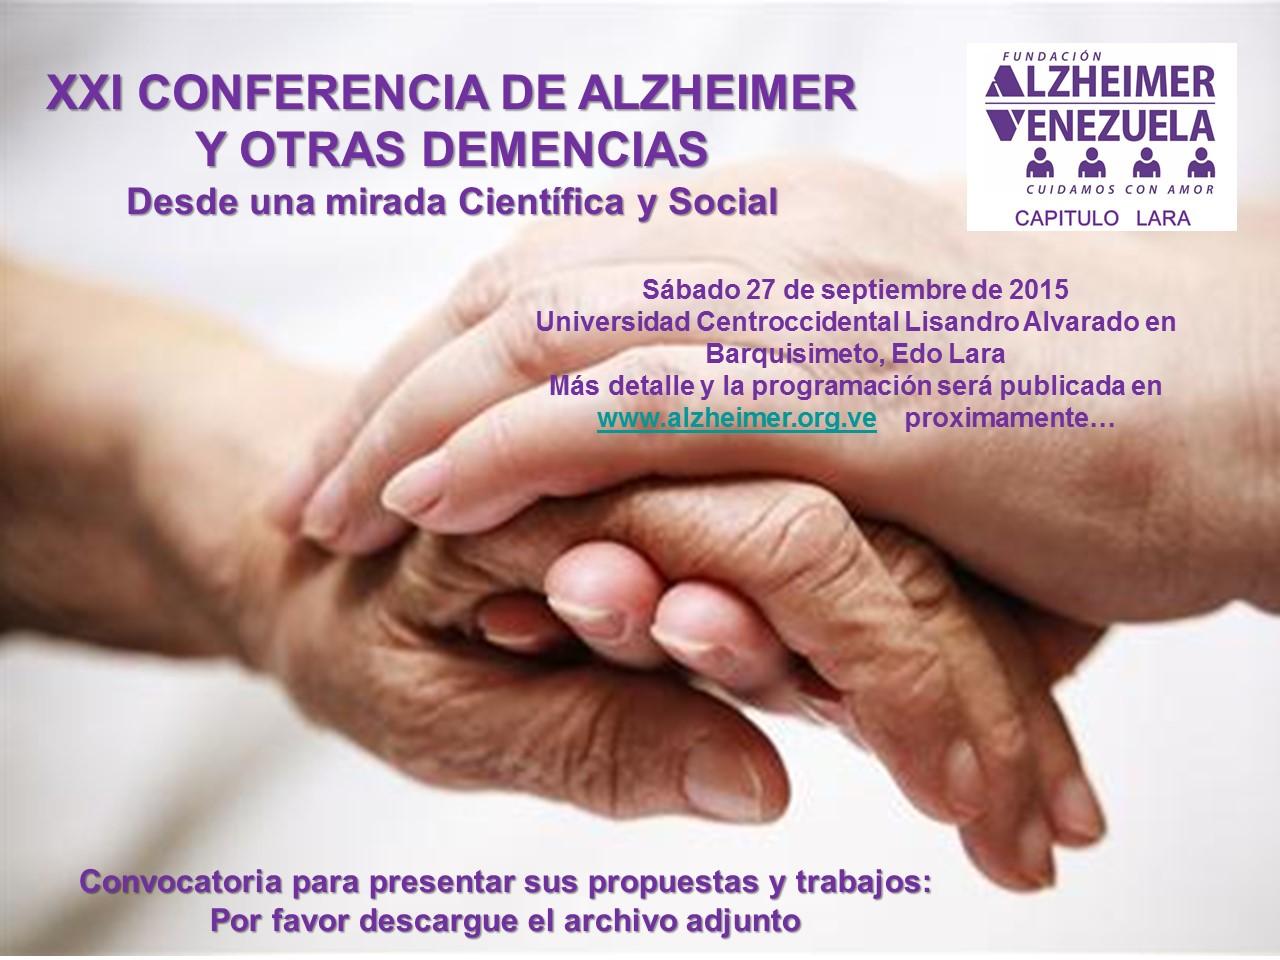 Afiche Convocatoria presentar propuestas a la Conferencias Alzheimer y otras Demencias